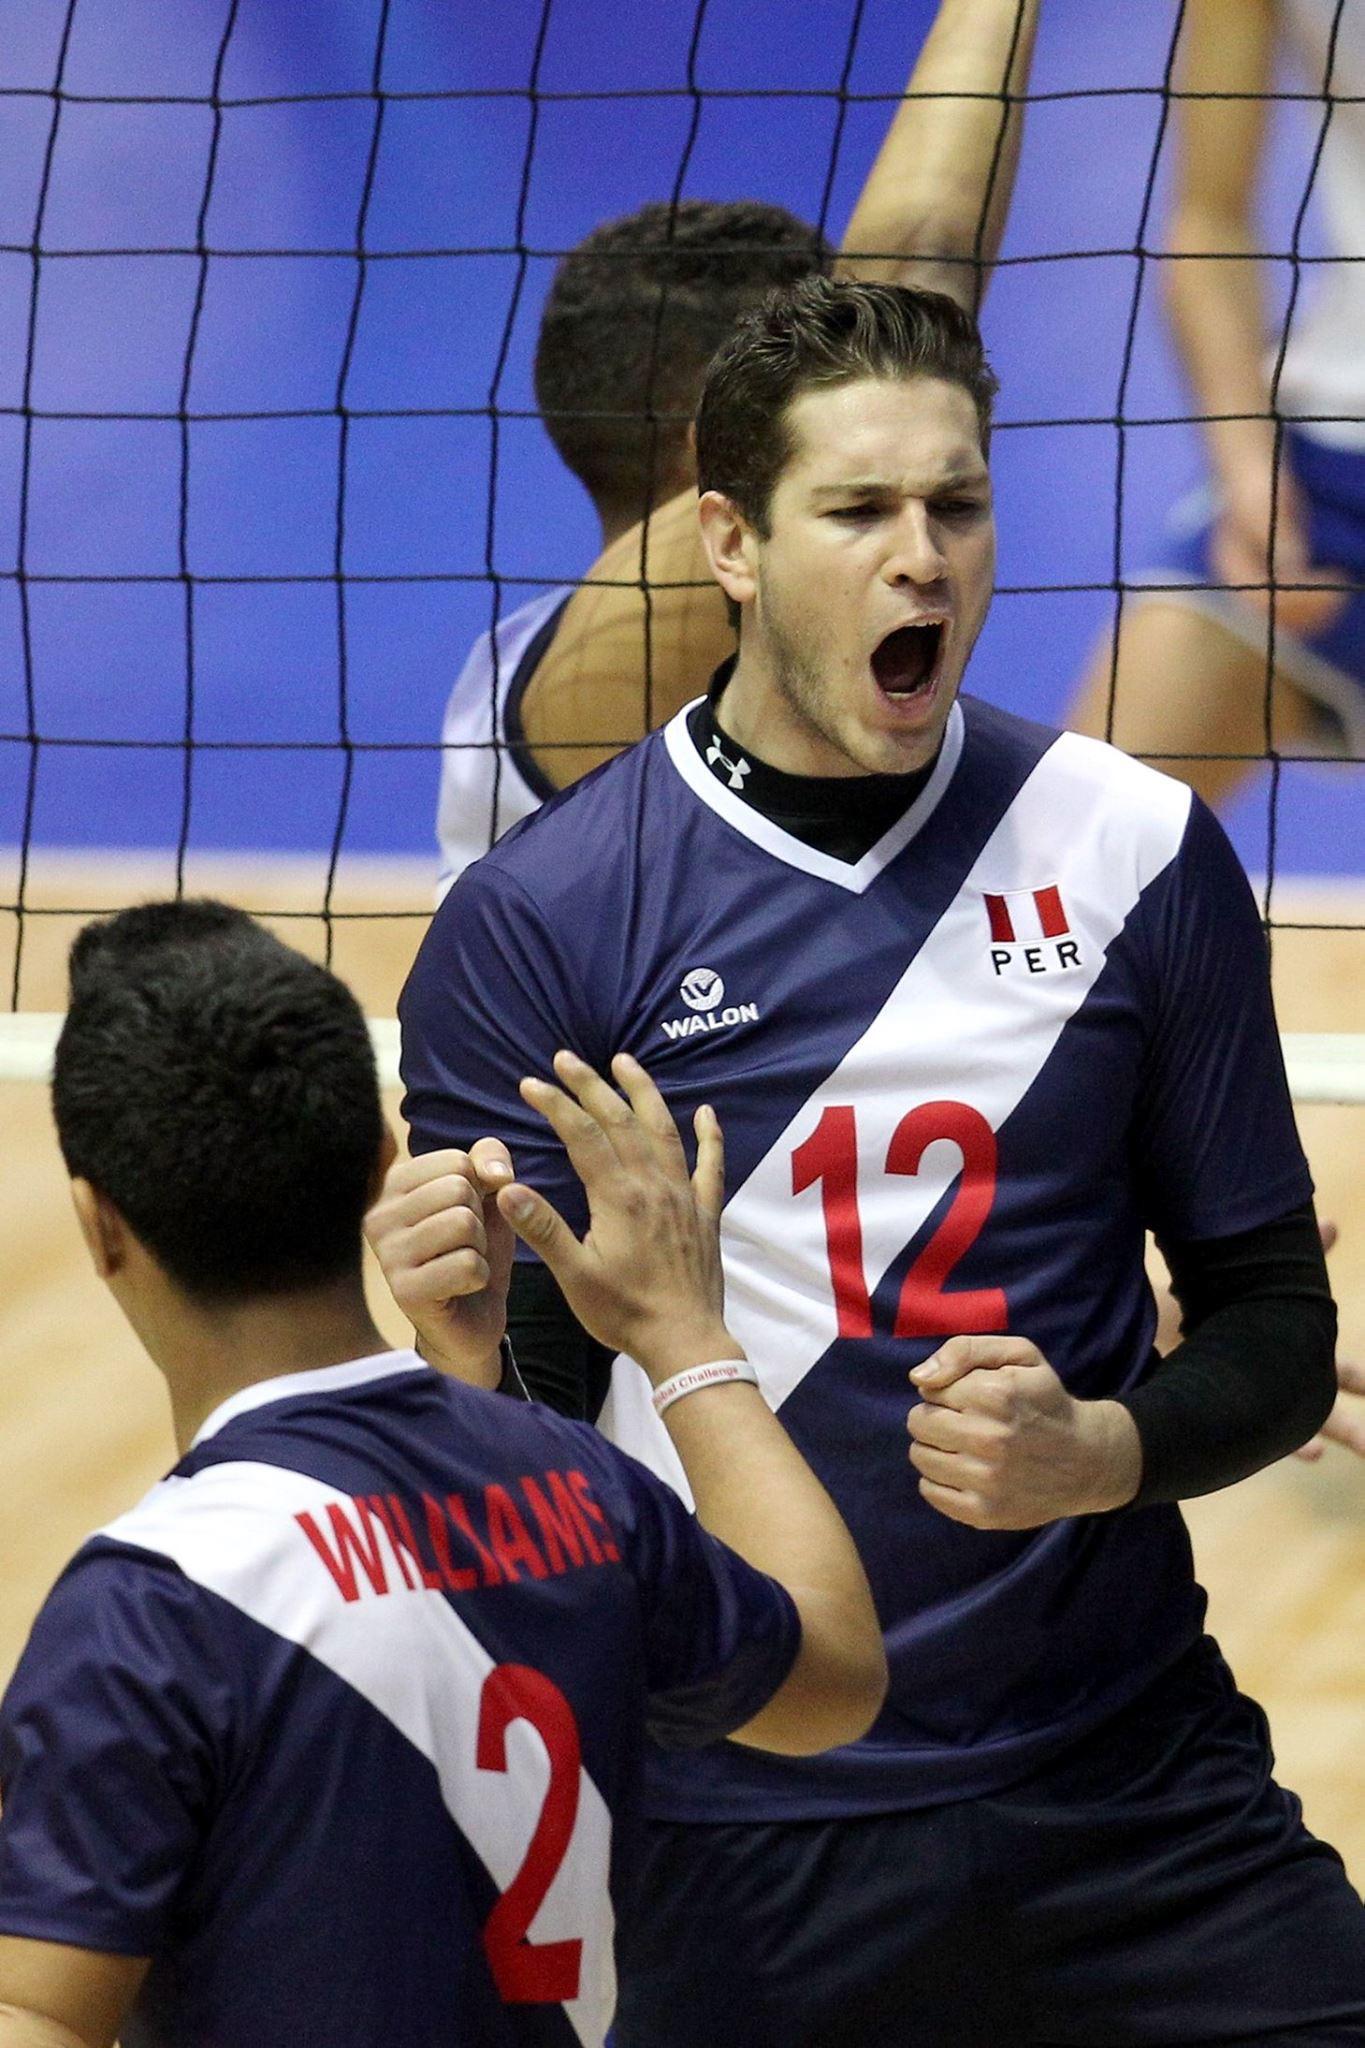 Los 5 mejores jugadores de voleibol en venezuela